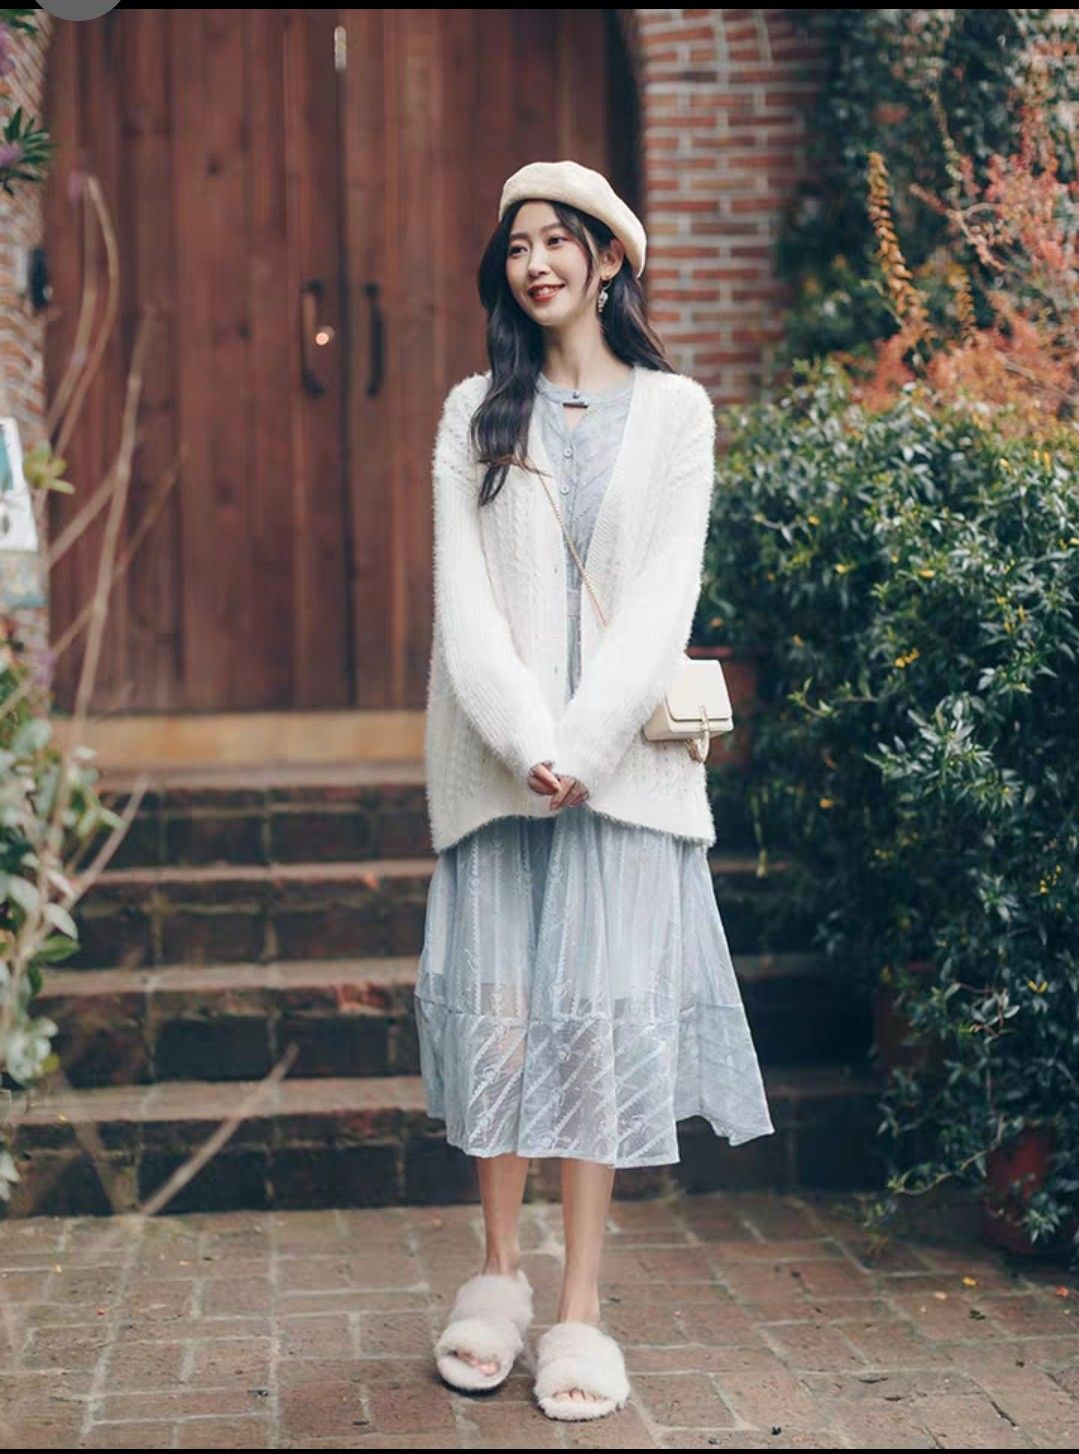 Ghim của Thao Huynh trên Thời trang nữ   Thời trang, Thời